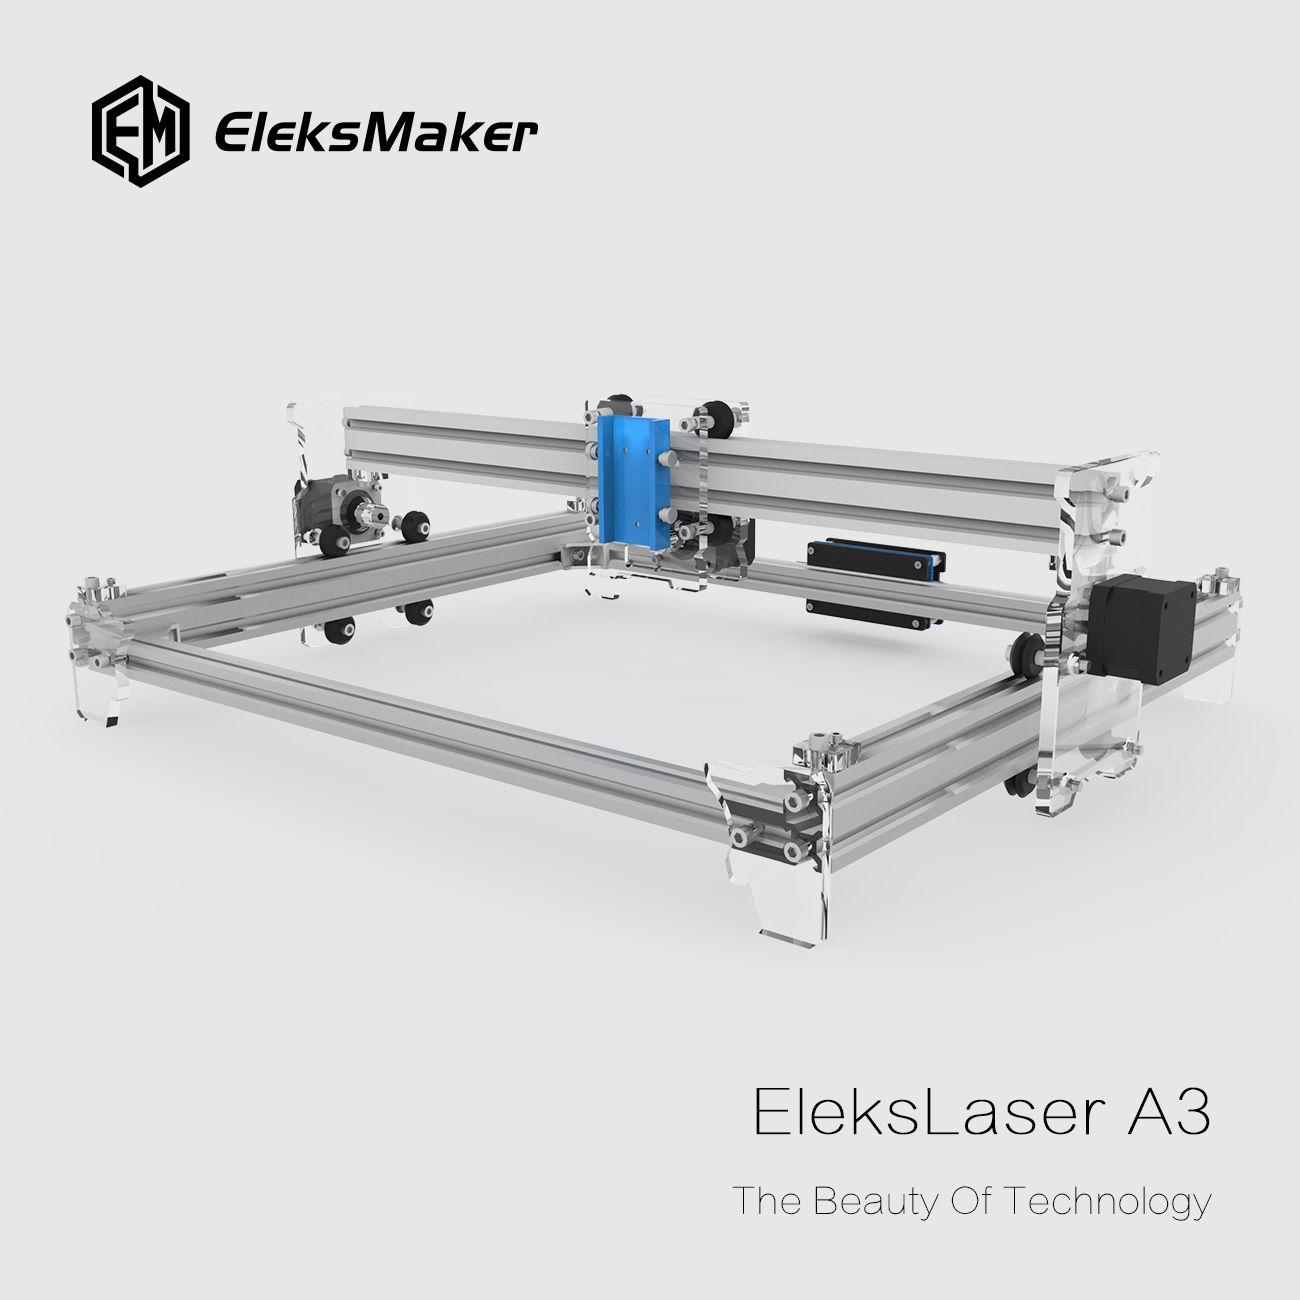 5500mw Laser Engraving Machine Diy Kits